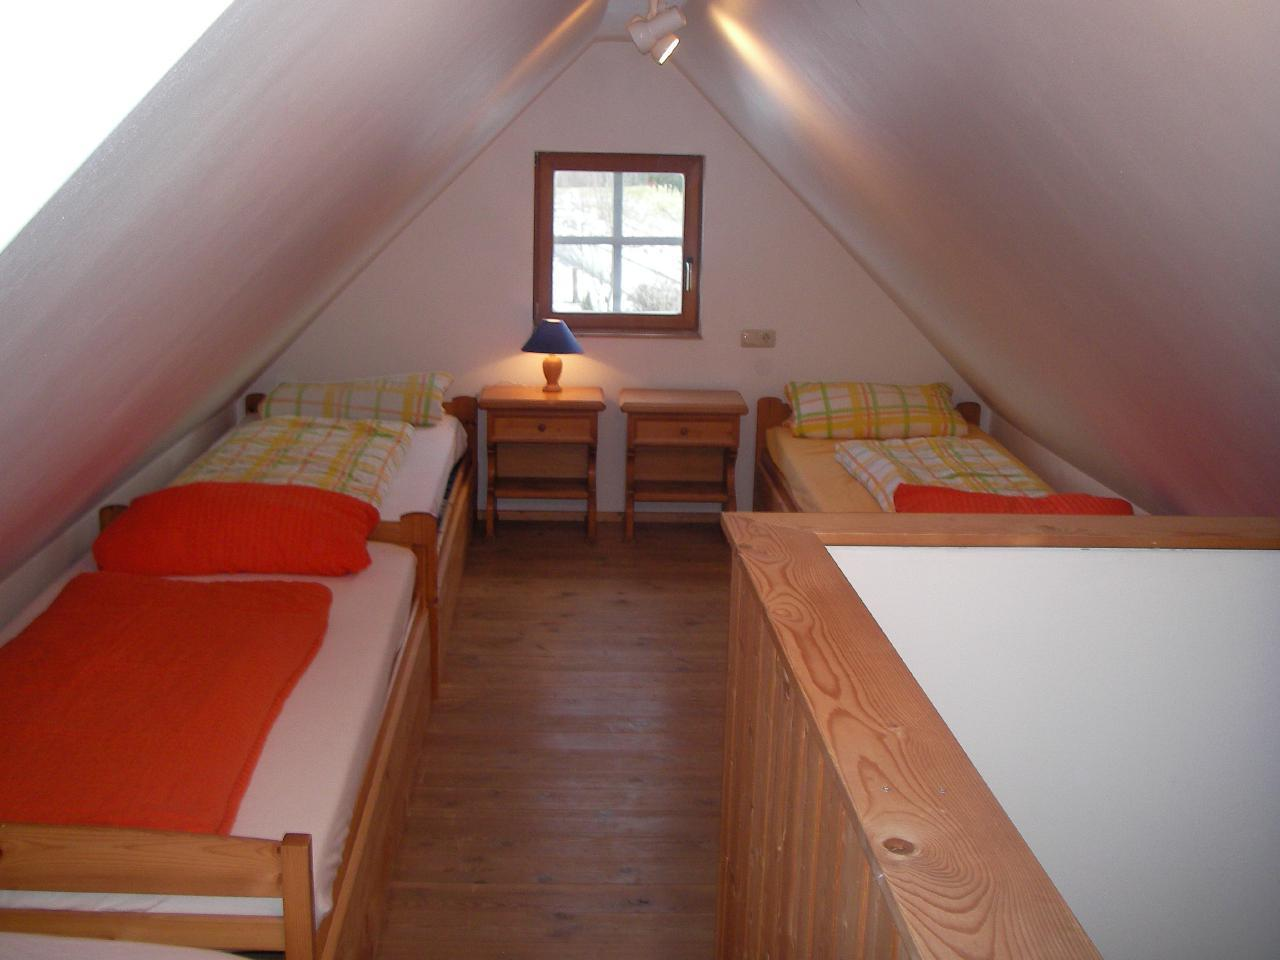 Ferienhaus Haus Hermann (993408), Presseck, Frankenwald, Bayern, Deutschland, Bild 11